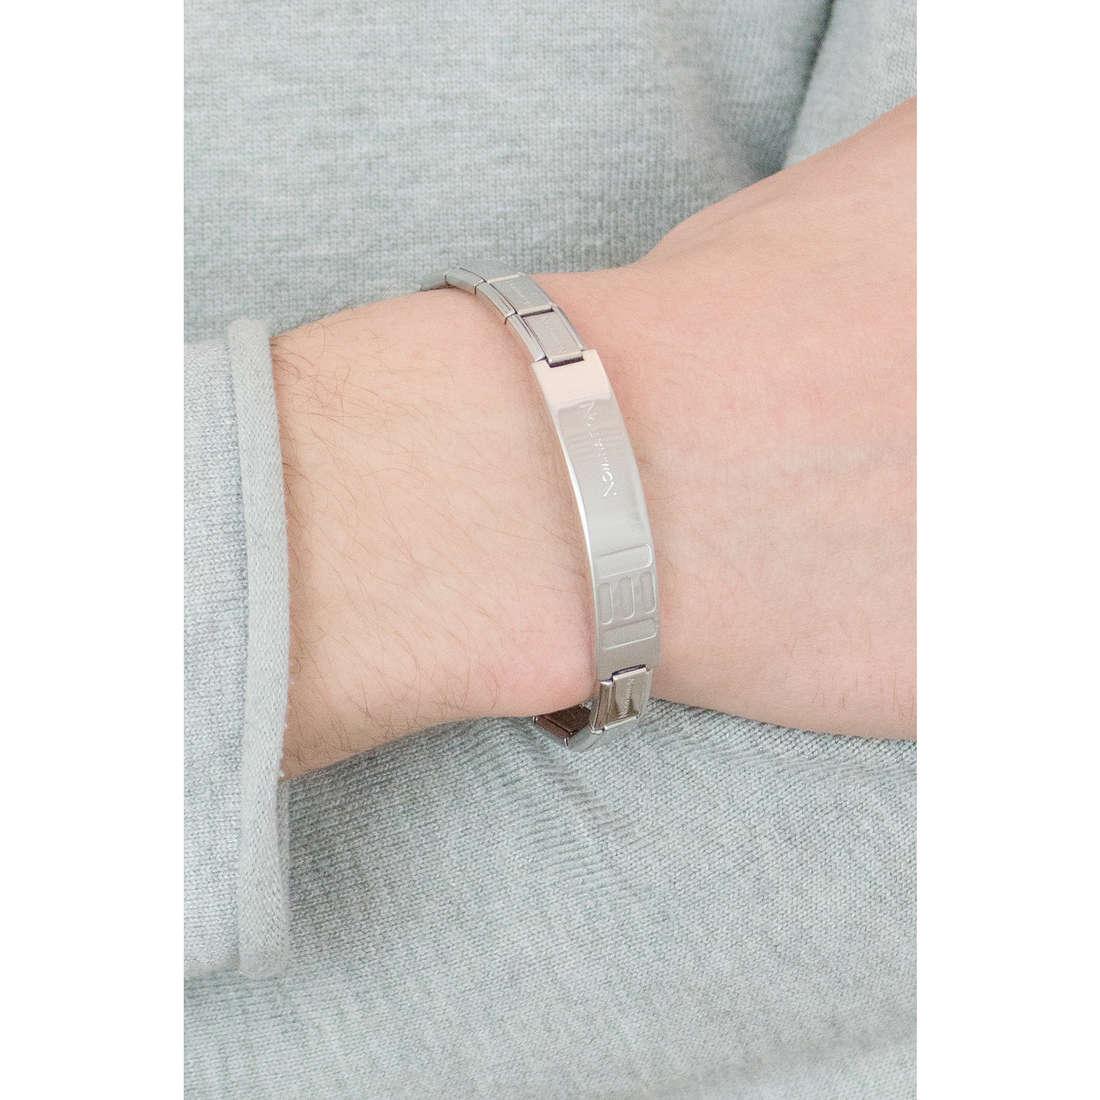 Nomination bracelets Trendsetter homme 021108/008/004 indosso